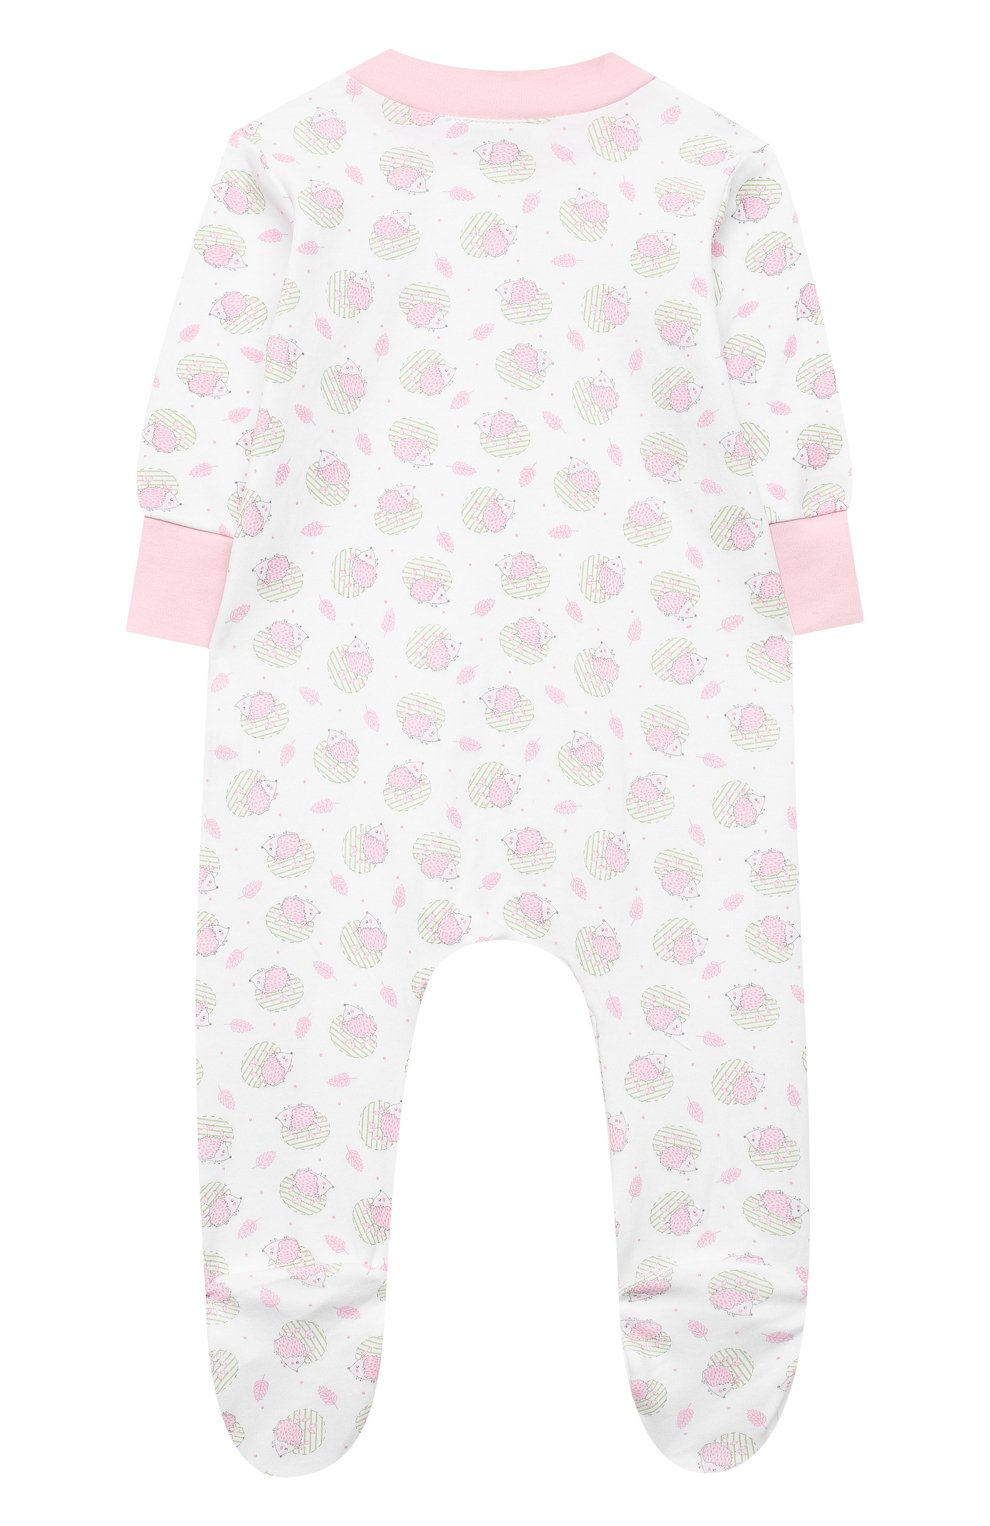 Детский хлопковый комбинезон MAGNOLIA BABY розового цвета, арт. 861-428P-PK   Фото 2 (Рукава: Длинные; Материал внешний: Хлопок; Ростовка одежда: 12 мес   80 см, 3 мес   62 см, 6 мес   68 см, 9 мес   74 см, 0 - 3 мес   50 - 60 см)